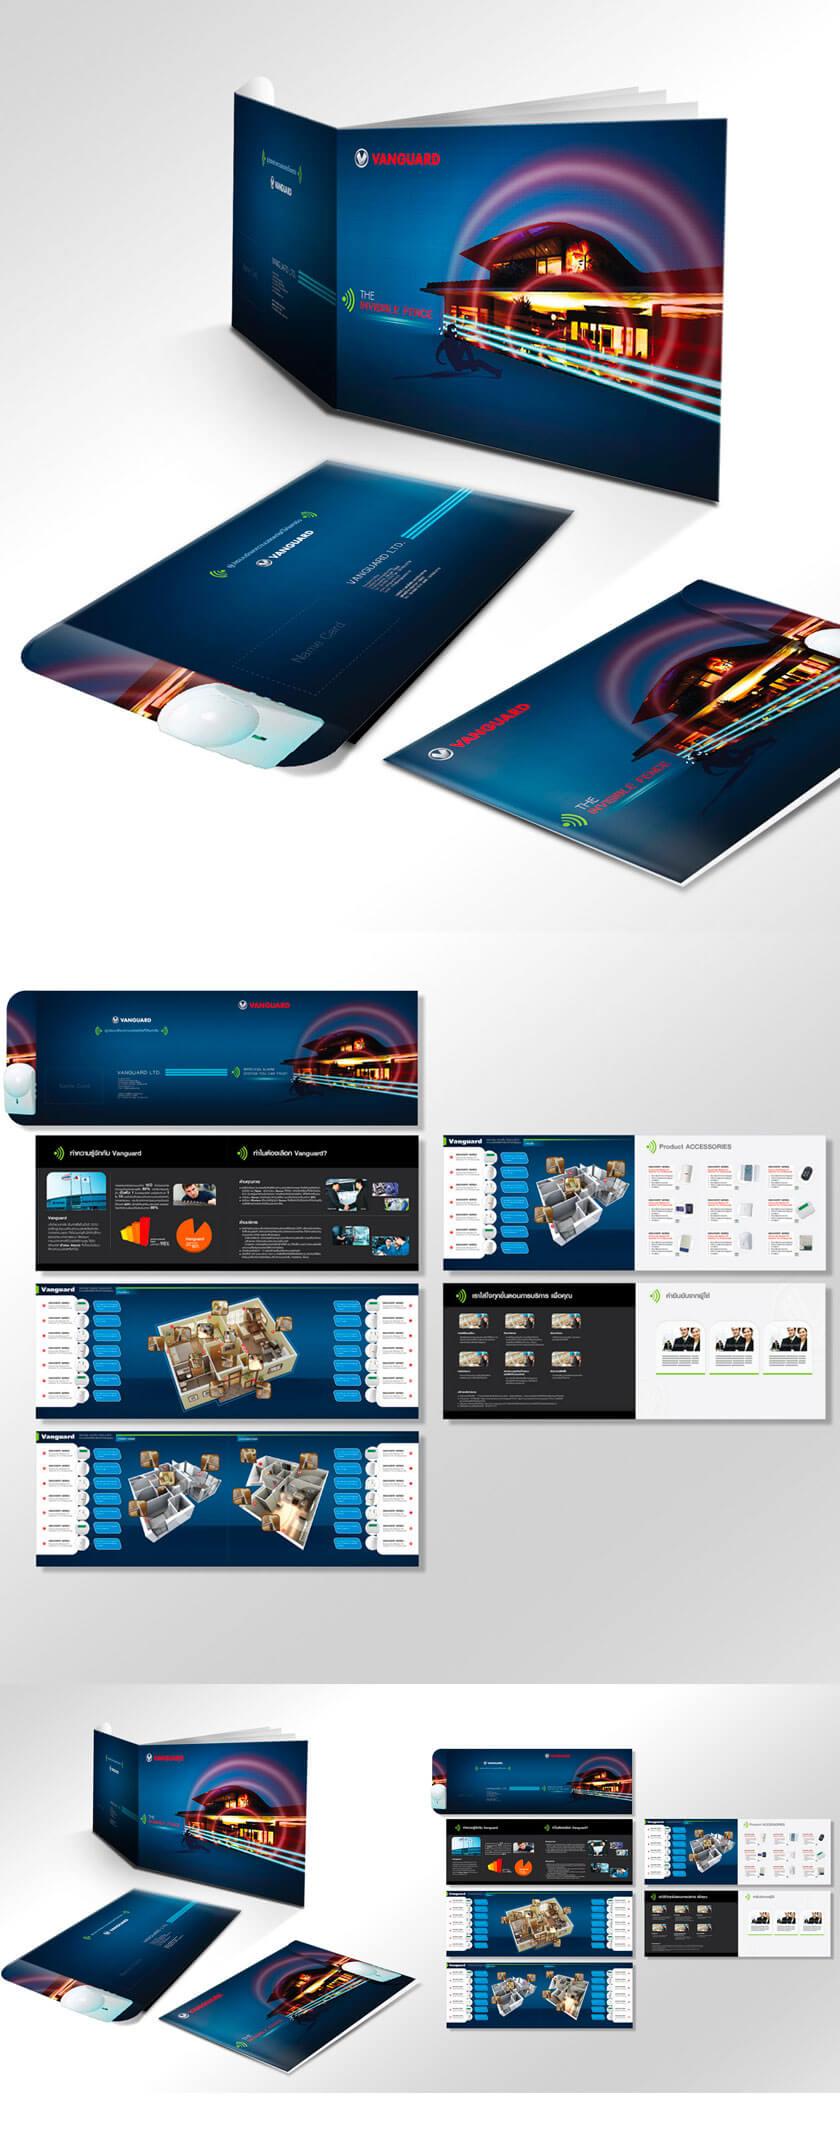 ออกแบบ company Profile ออกแบบดีไซน์ icon infographic สื่อสารในรูปแบบสากล และทันสมัย ทำ Template กราฟฟิกดีไซน์ คิดโครงสร้างเชิง Marketing Design